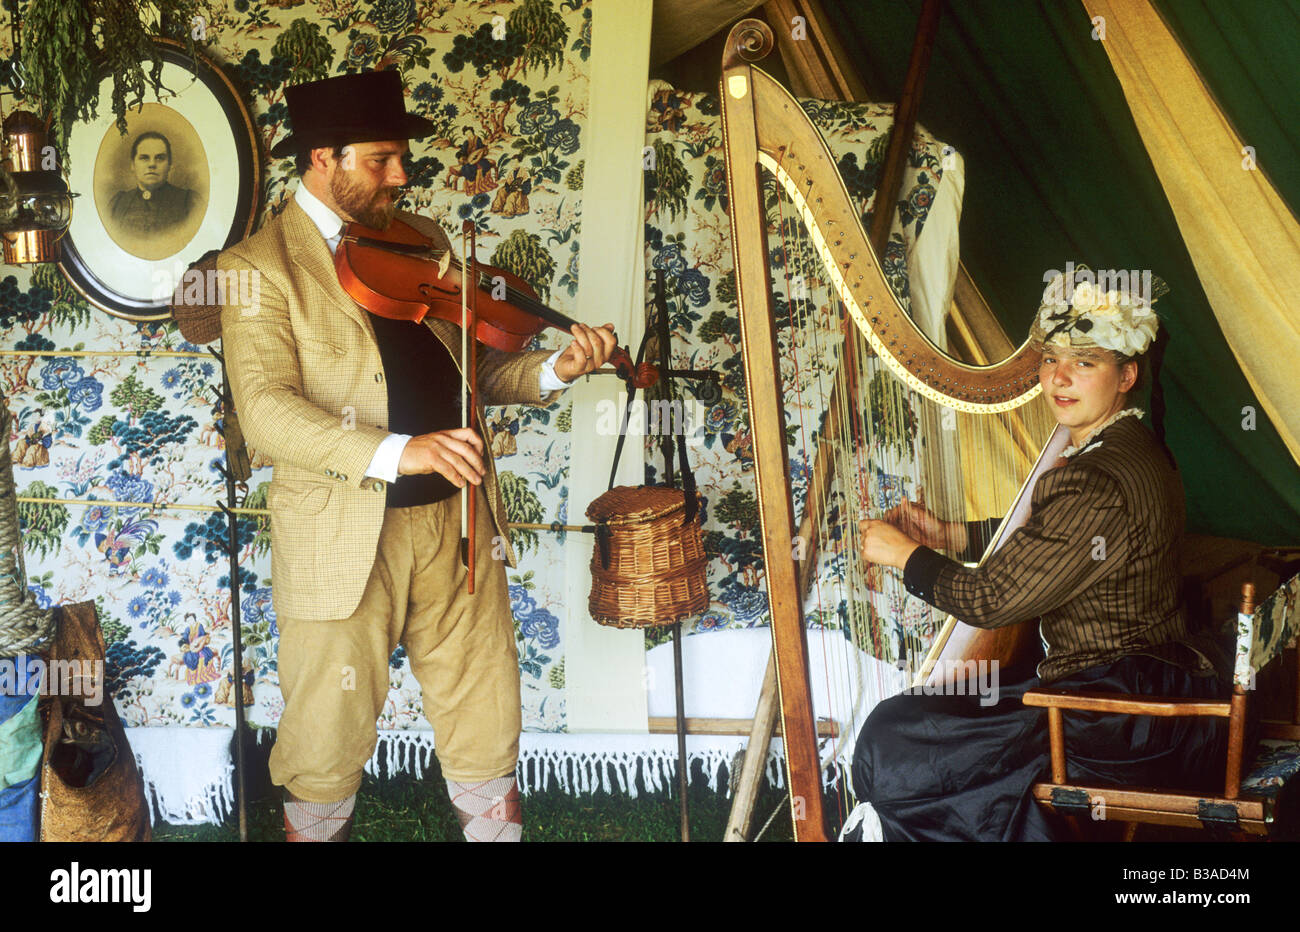 Victorian rievocazione storica musicisti strumenti musicali fiddle violino arpa cembalo English costume Hautbois Foto Stock